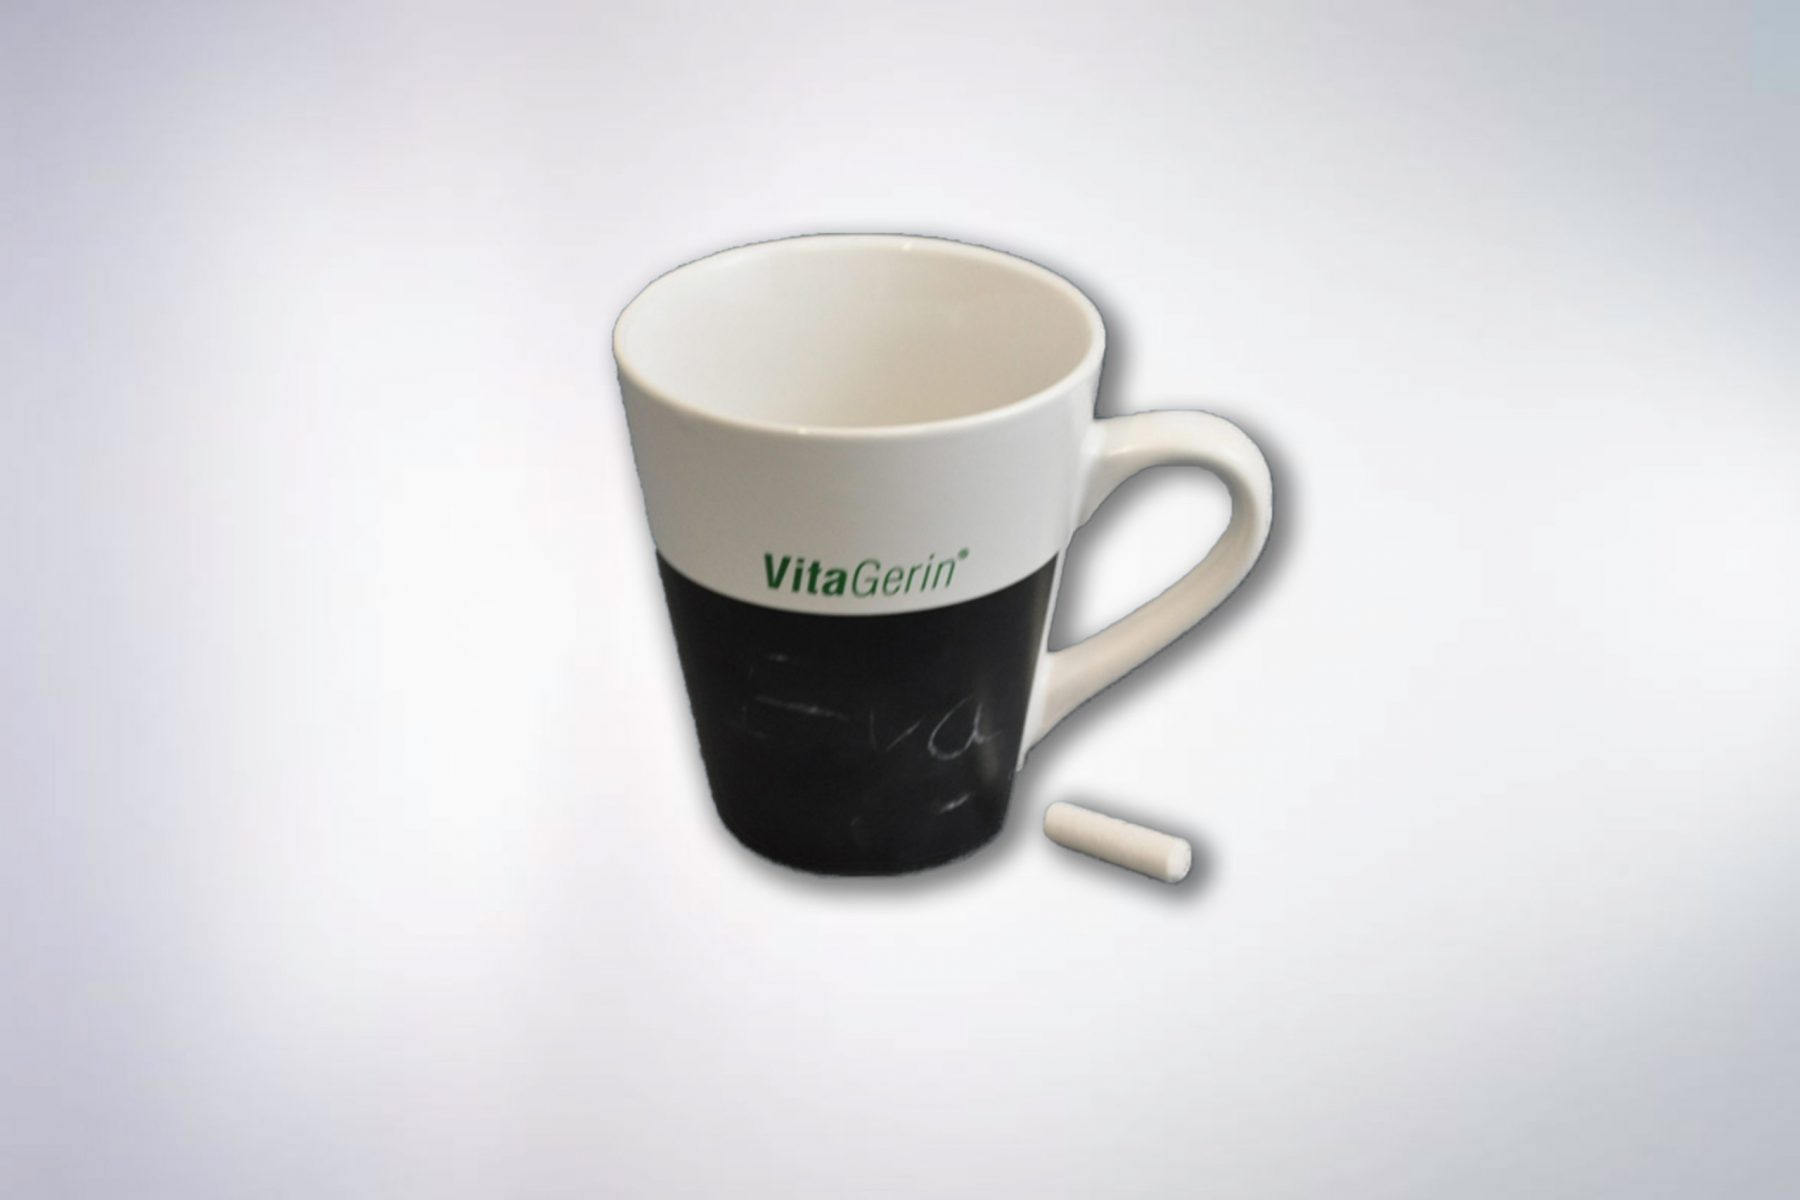 VitaGerin-Kreidetasse-scaled